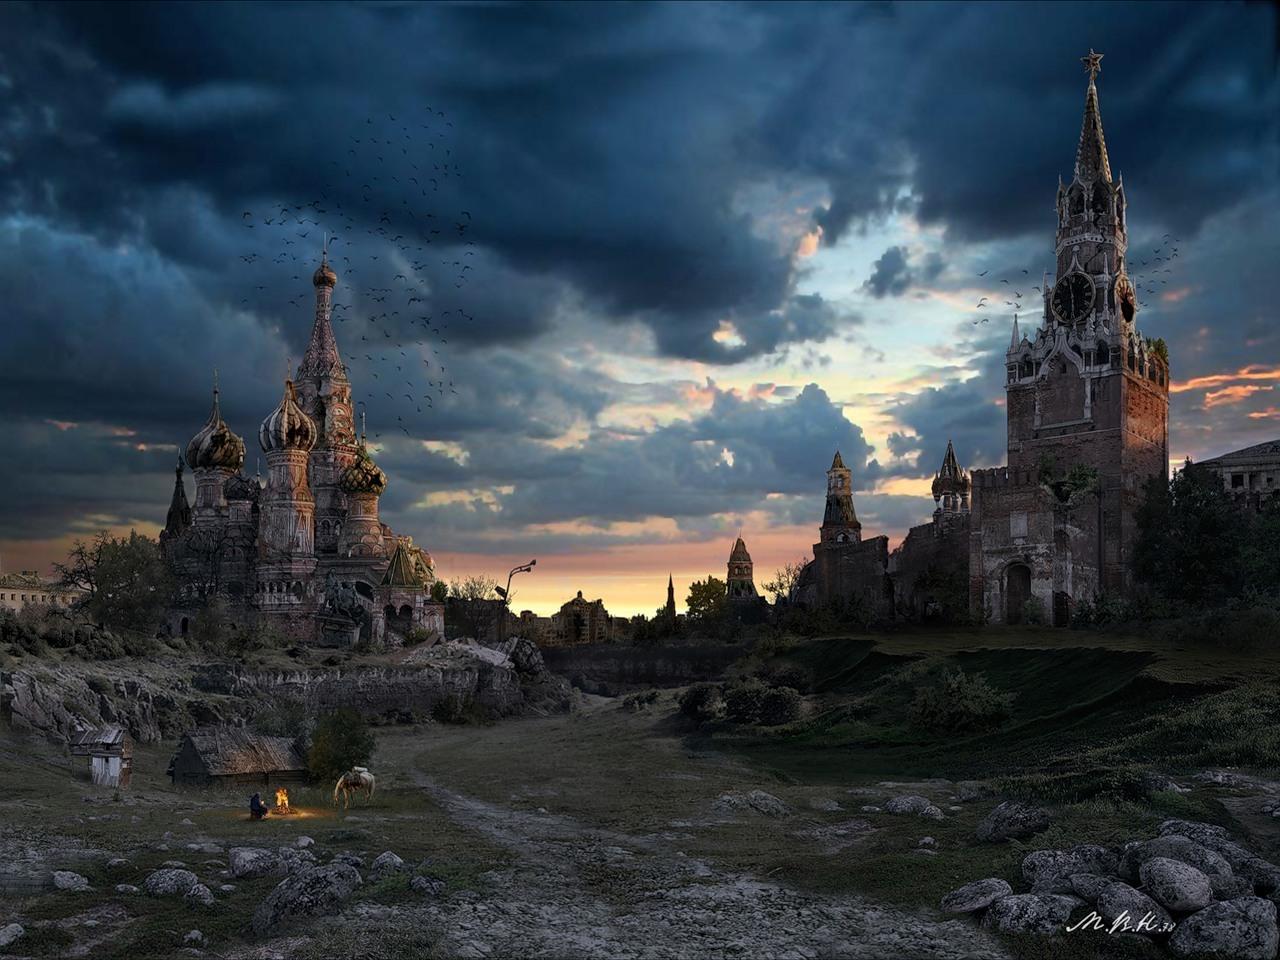 22510 скачать обои Кремль, Пейзаж, Города, Фэнтези, Москва - заставки и картинки бесплатно